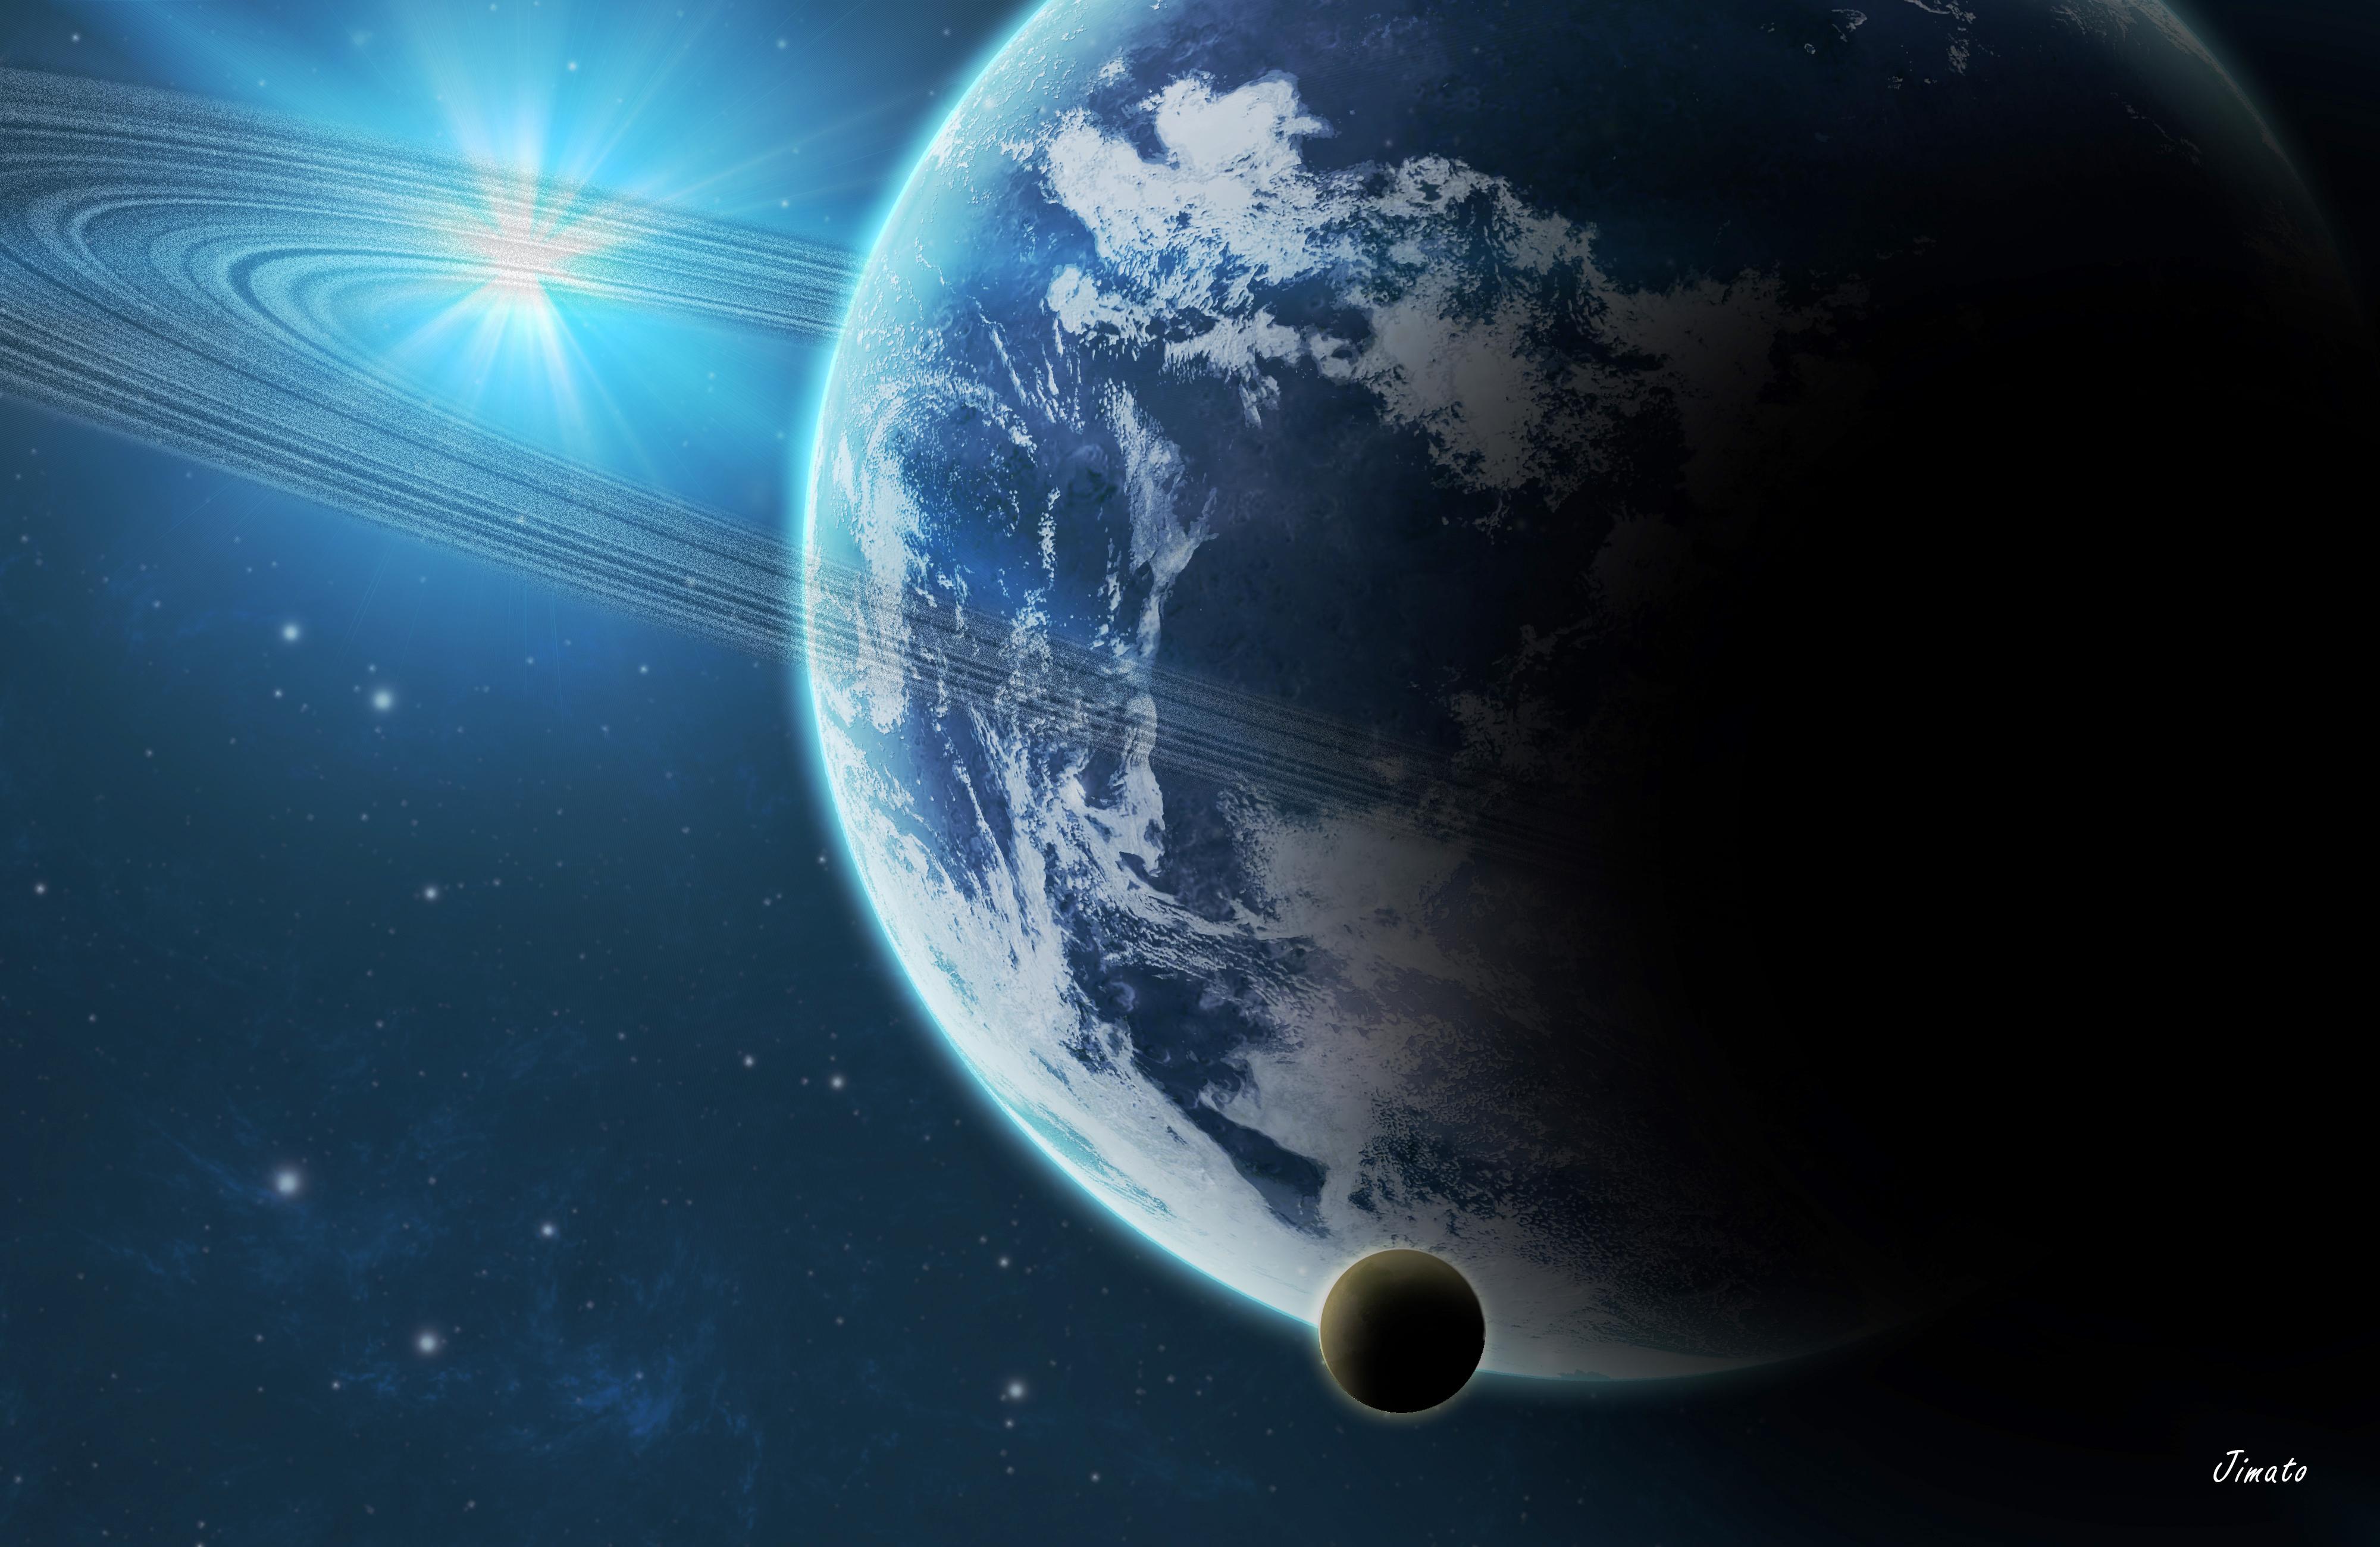 Обои Между планет картинки на рабочий стол на тему Космос - скачать  № 1763154 без смс